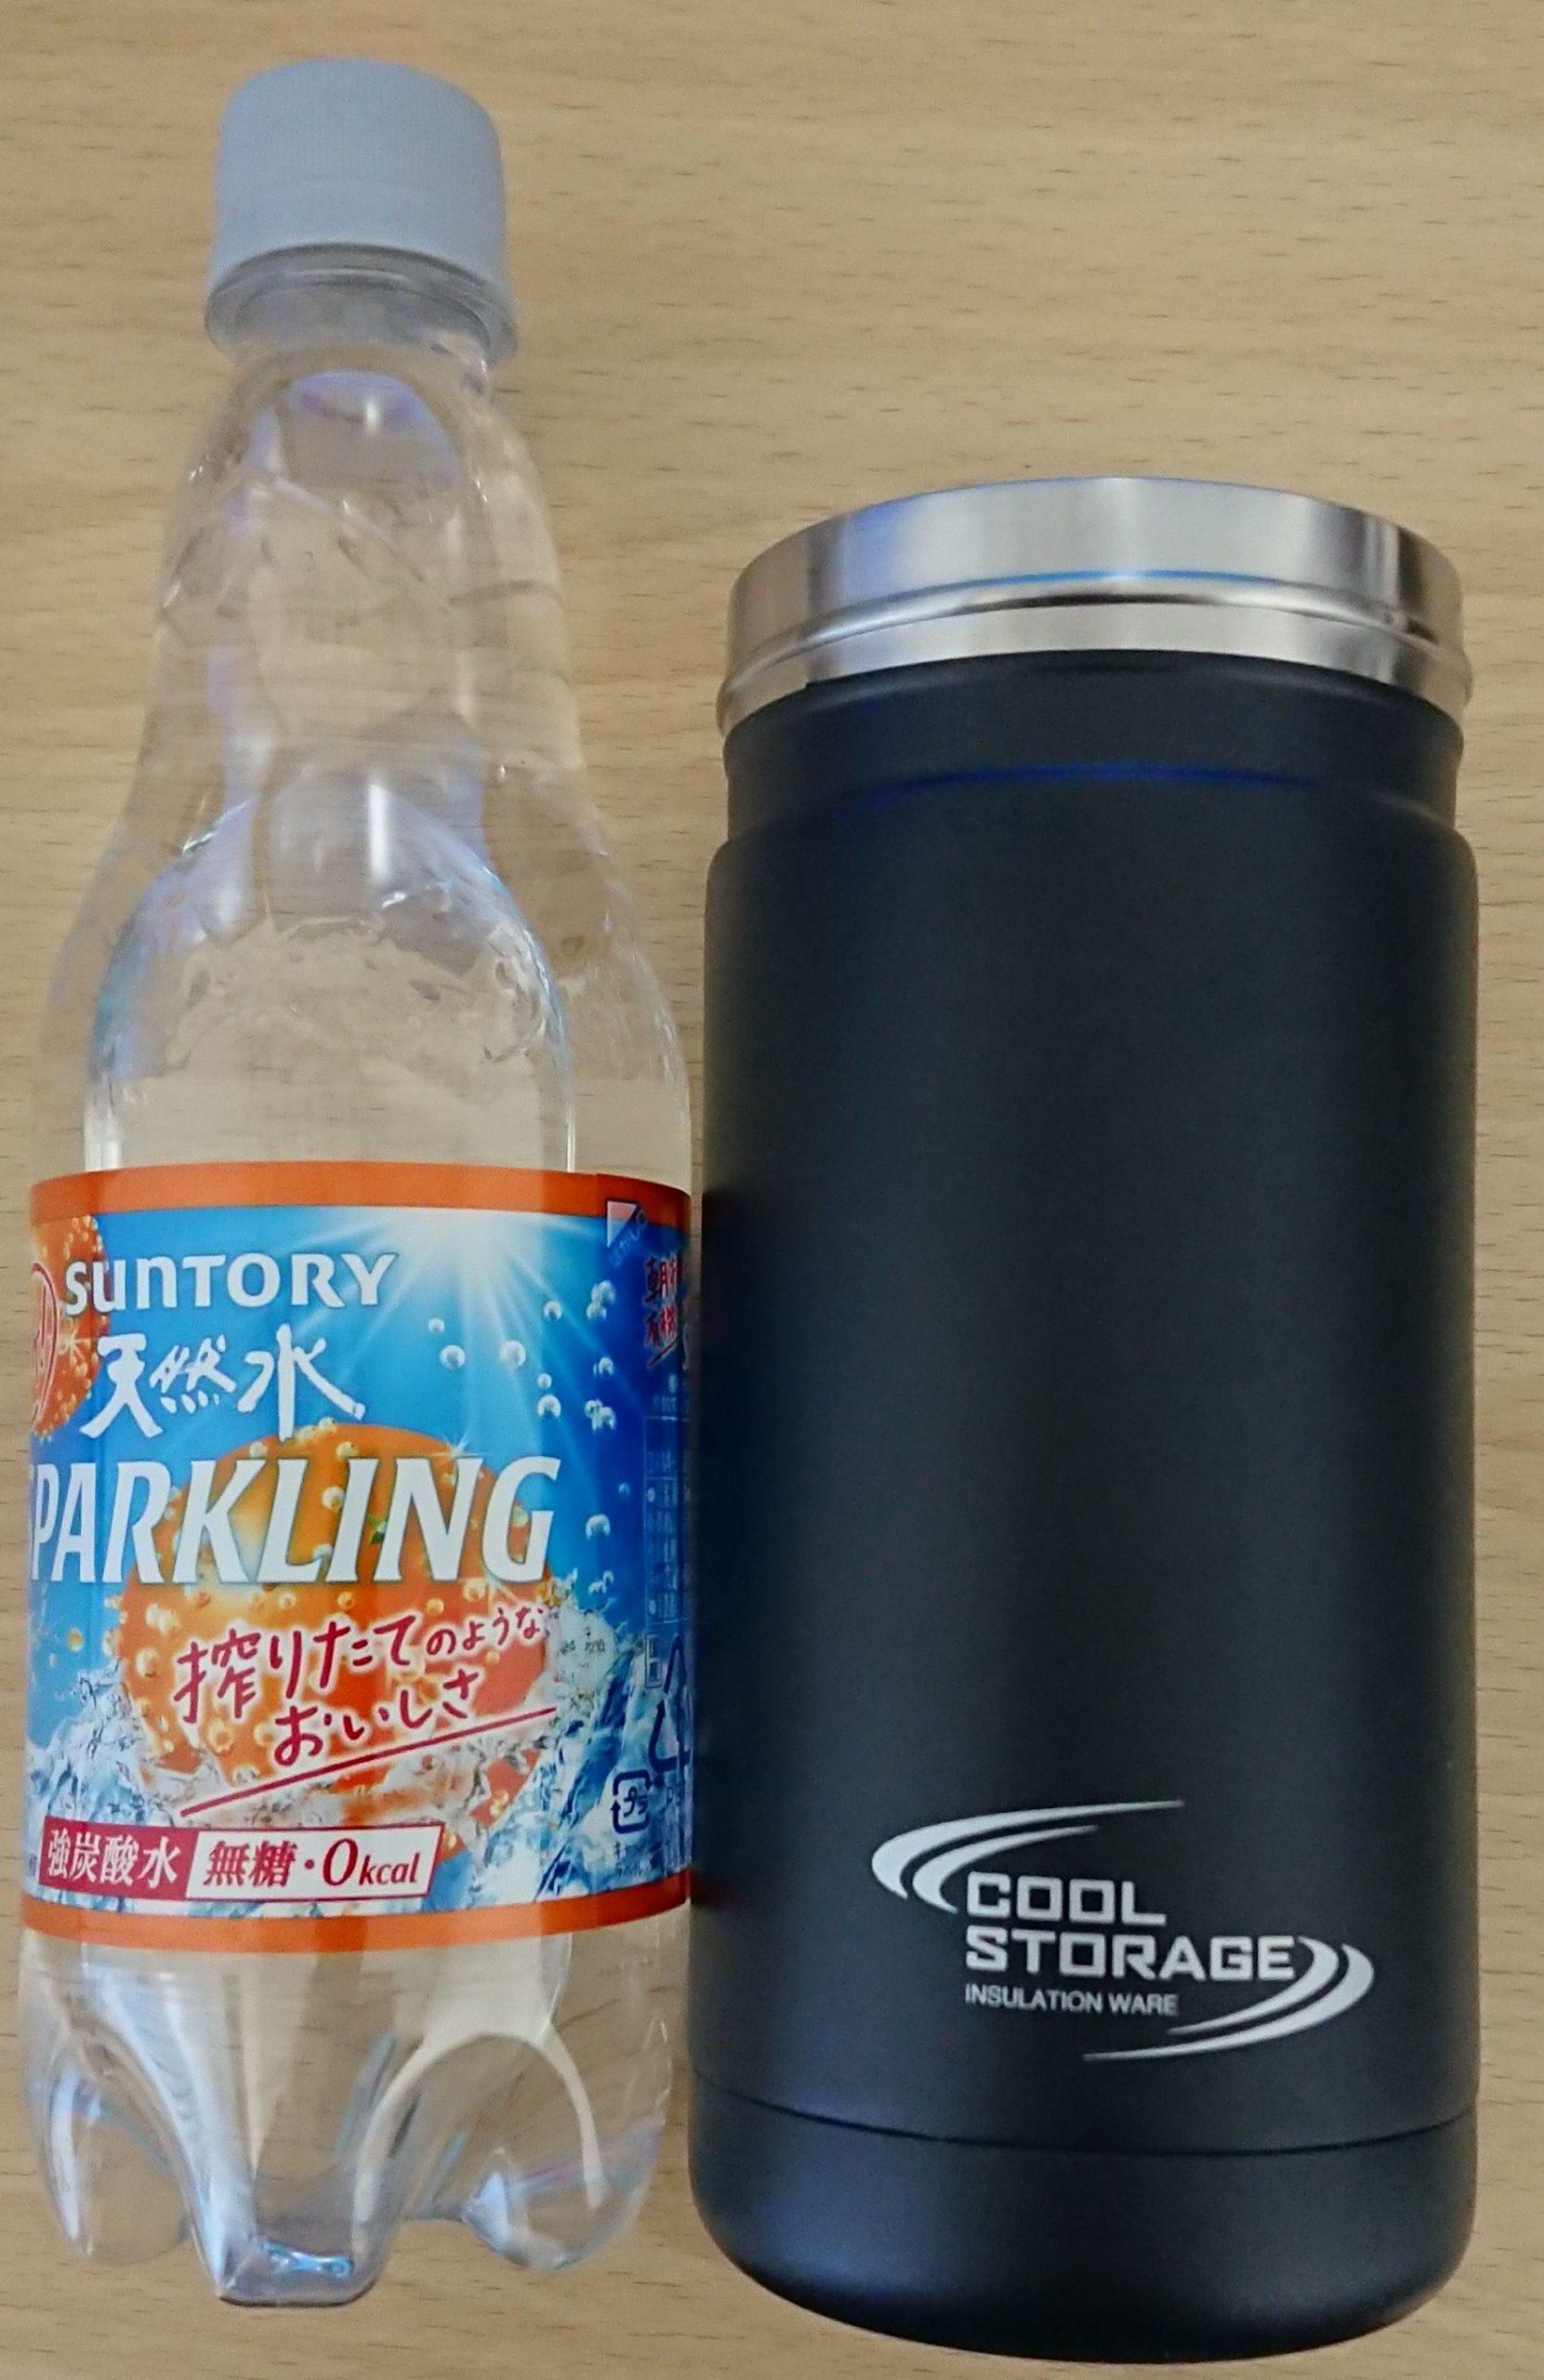 ワークマンの『真空保冷ペットボトルホルダー』が売ってないのでパール金属の『D-6483 クールストレージ ペットボトルクーラー500』を買ってみた